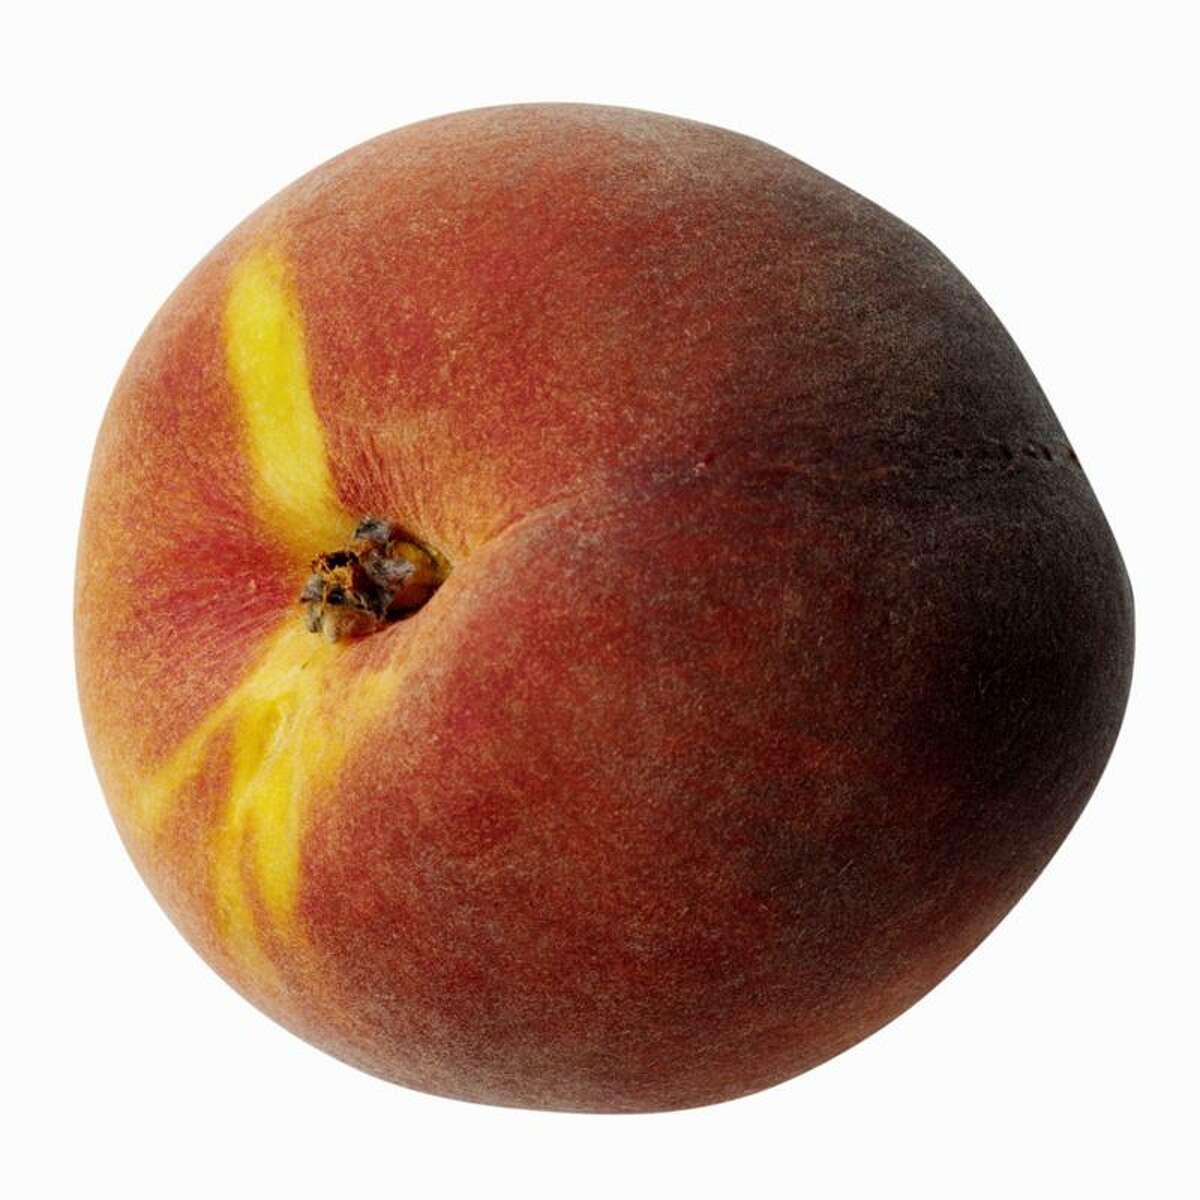 Peach perfect for Peach Melba Cobbler